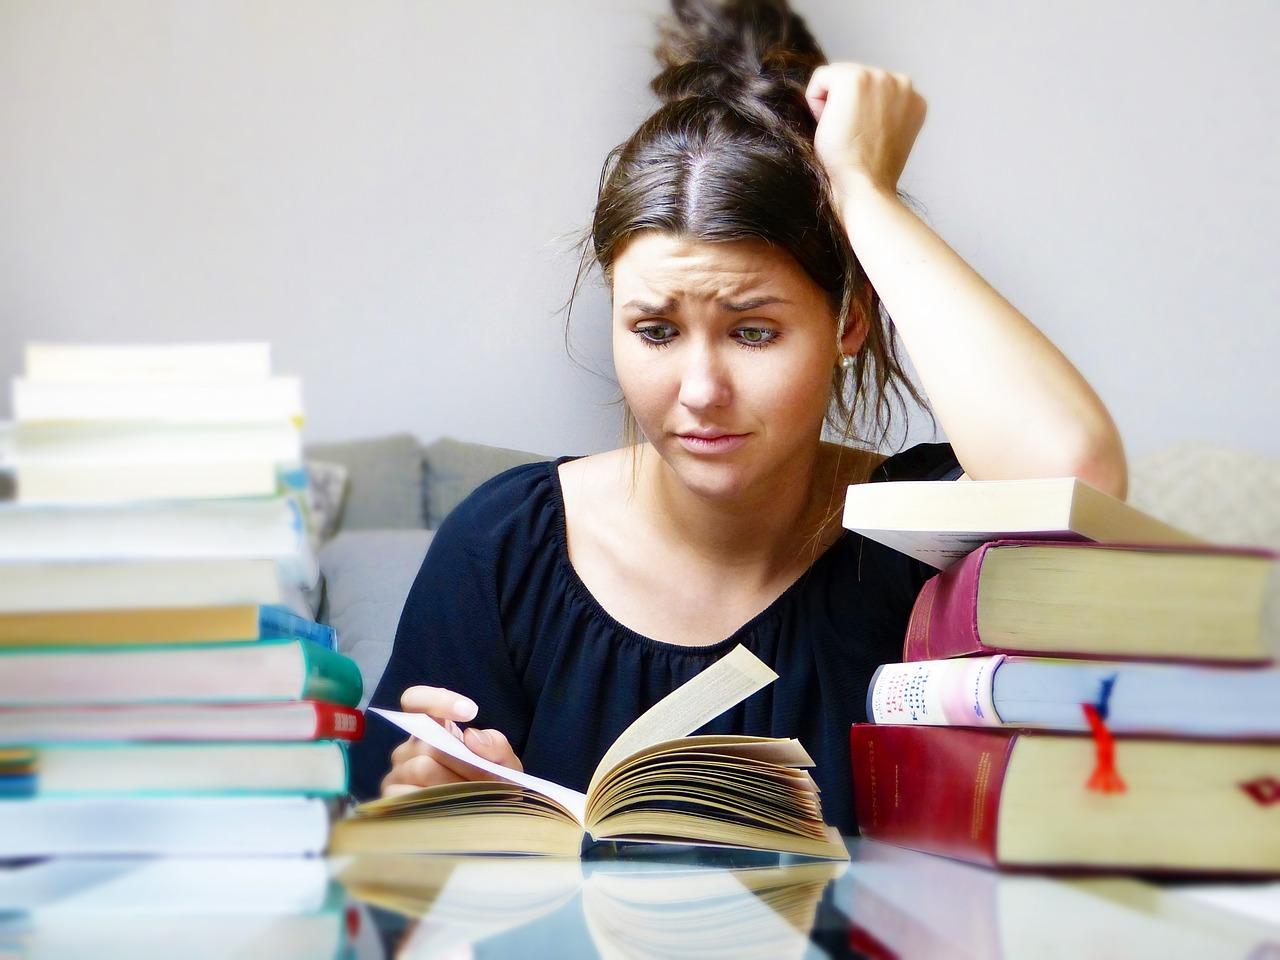 Conexão entre dores de cabeça e hormônios